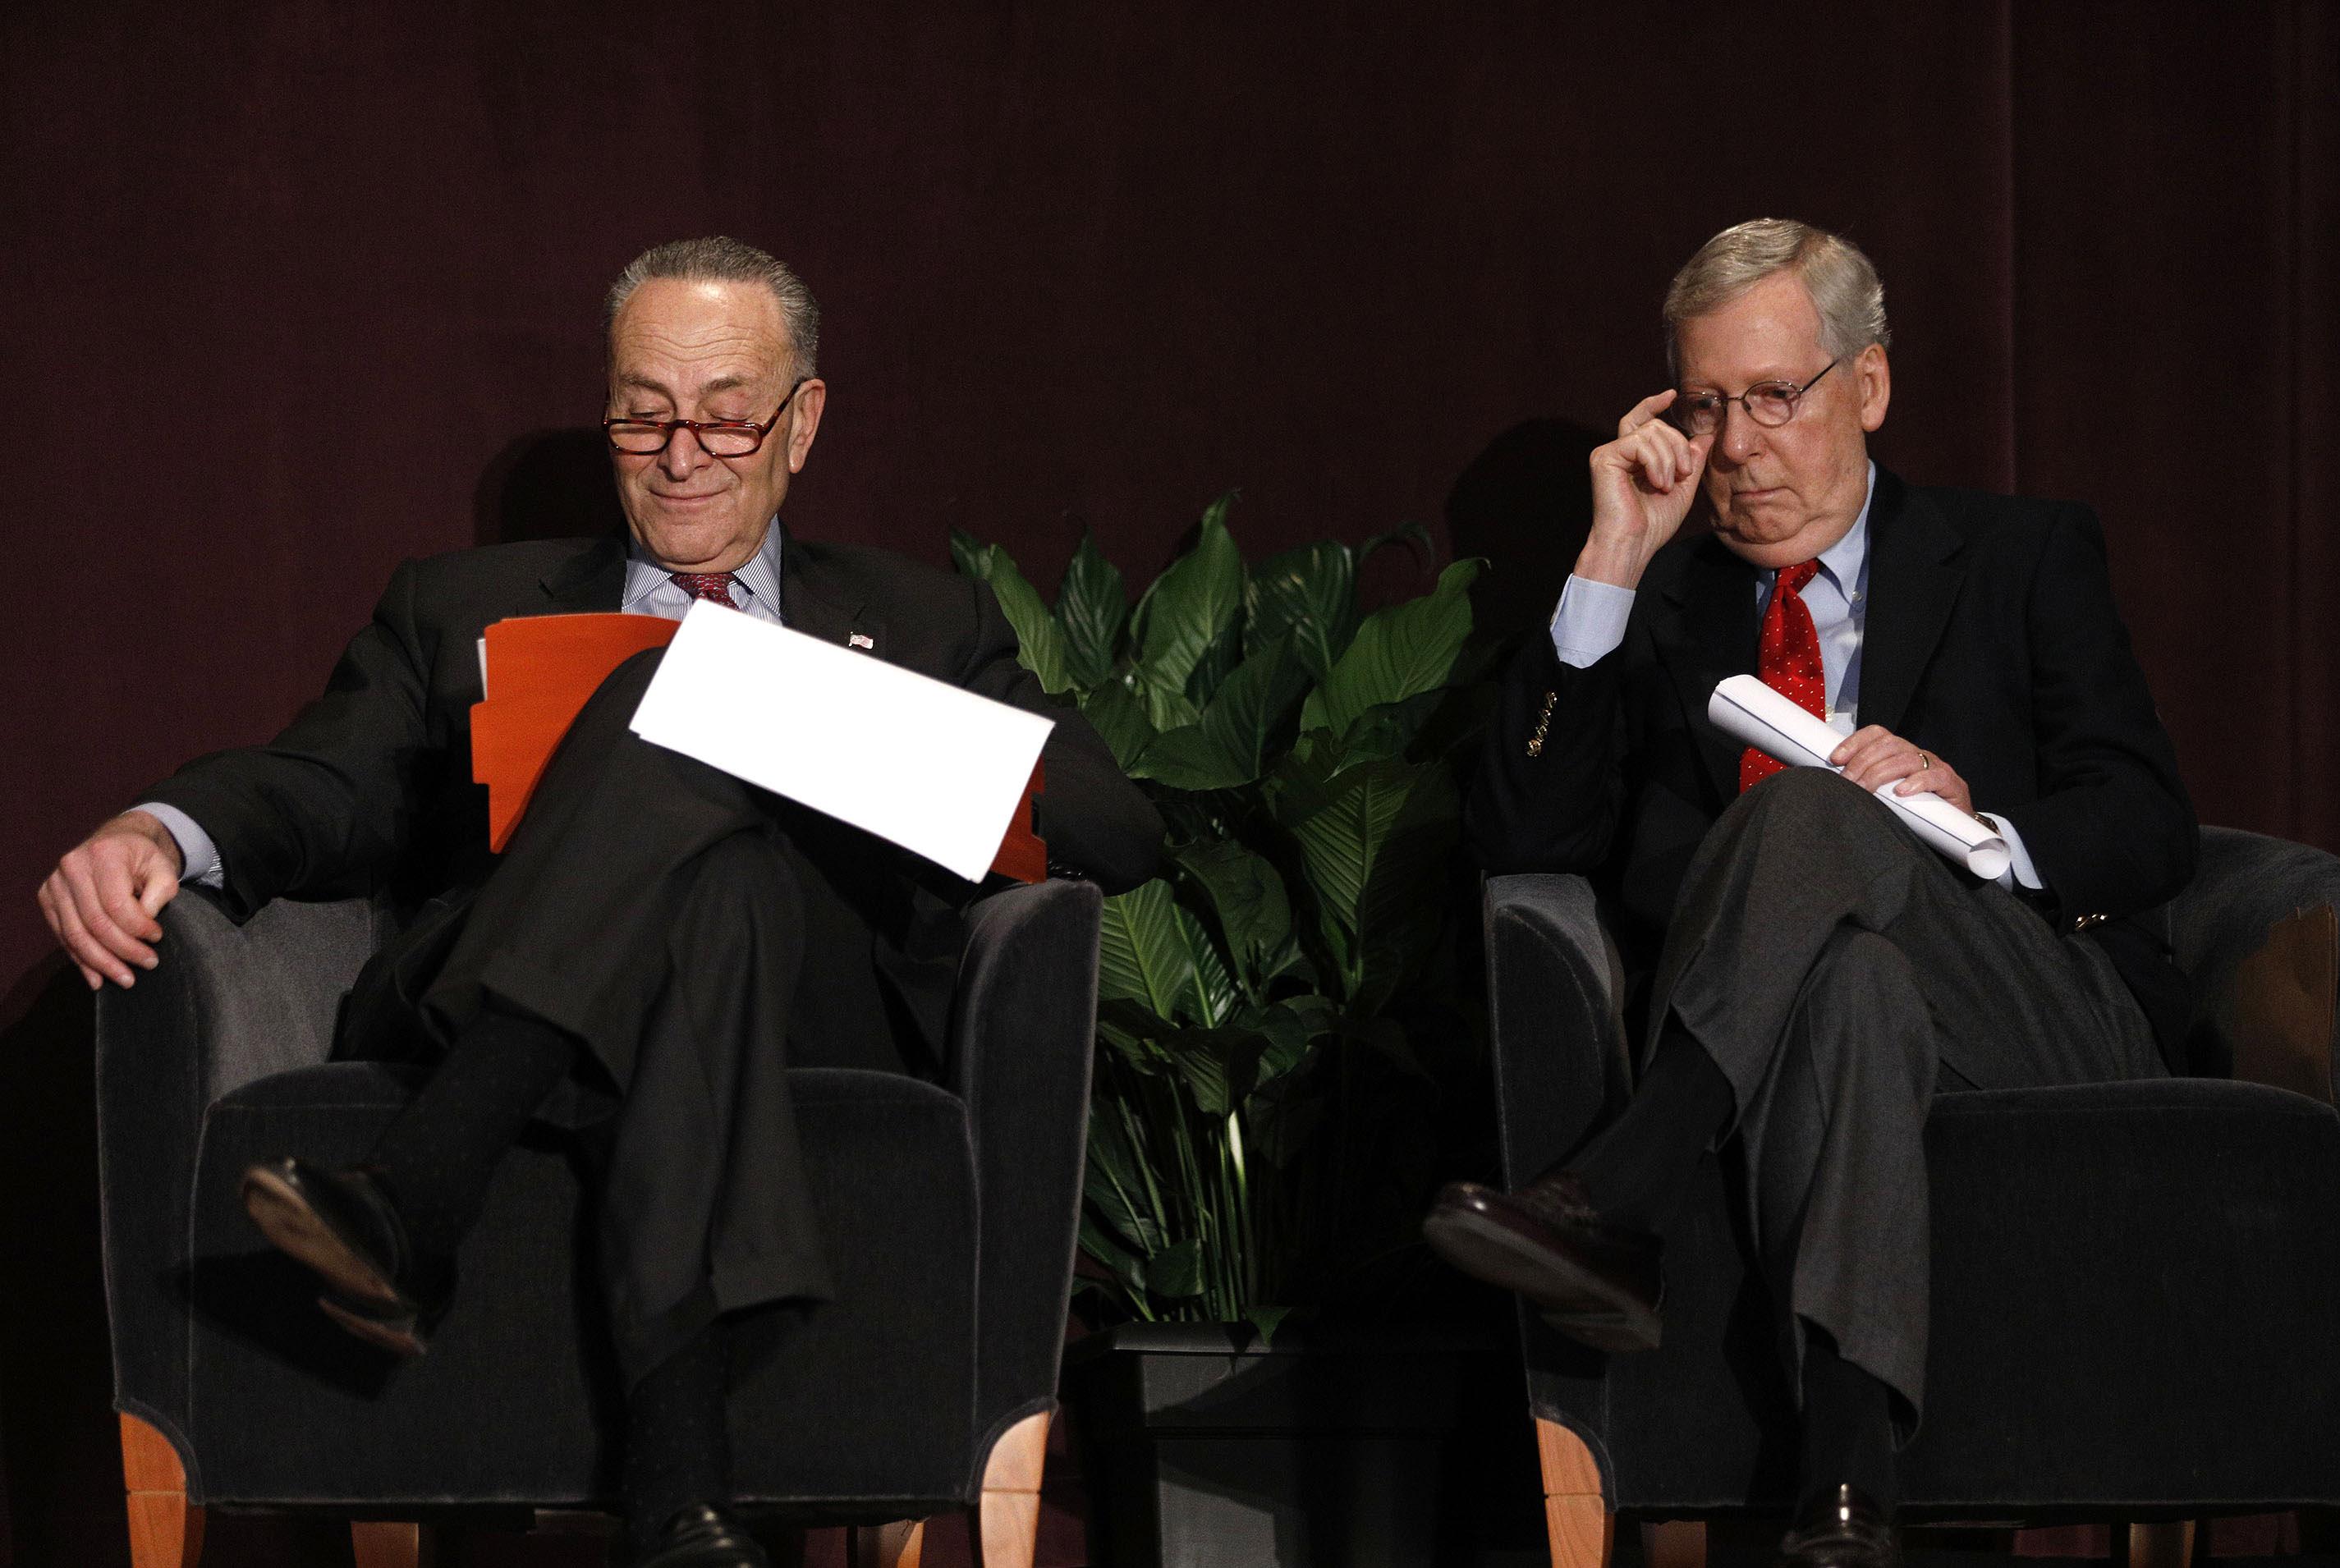 Senate Majority Leader Mitch McConnell (r.) and Senate Democratic Leader Chuck Schumer in 2018.